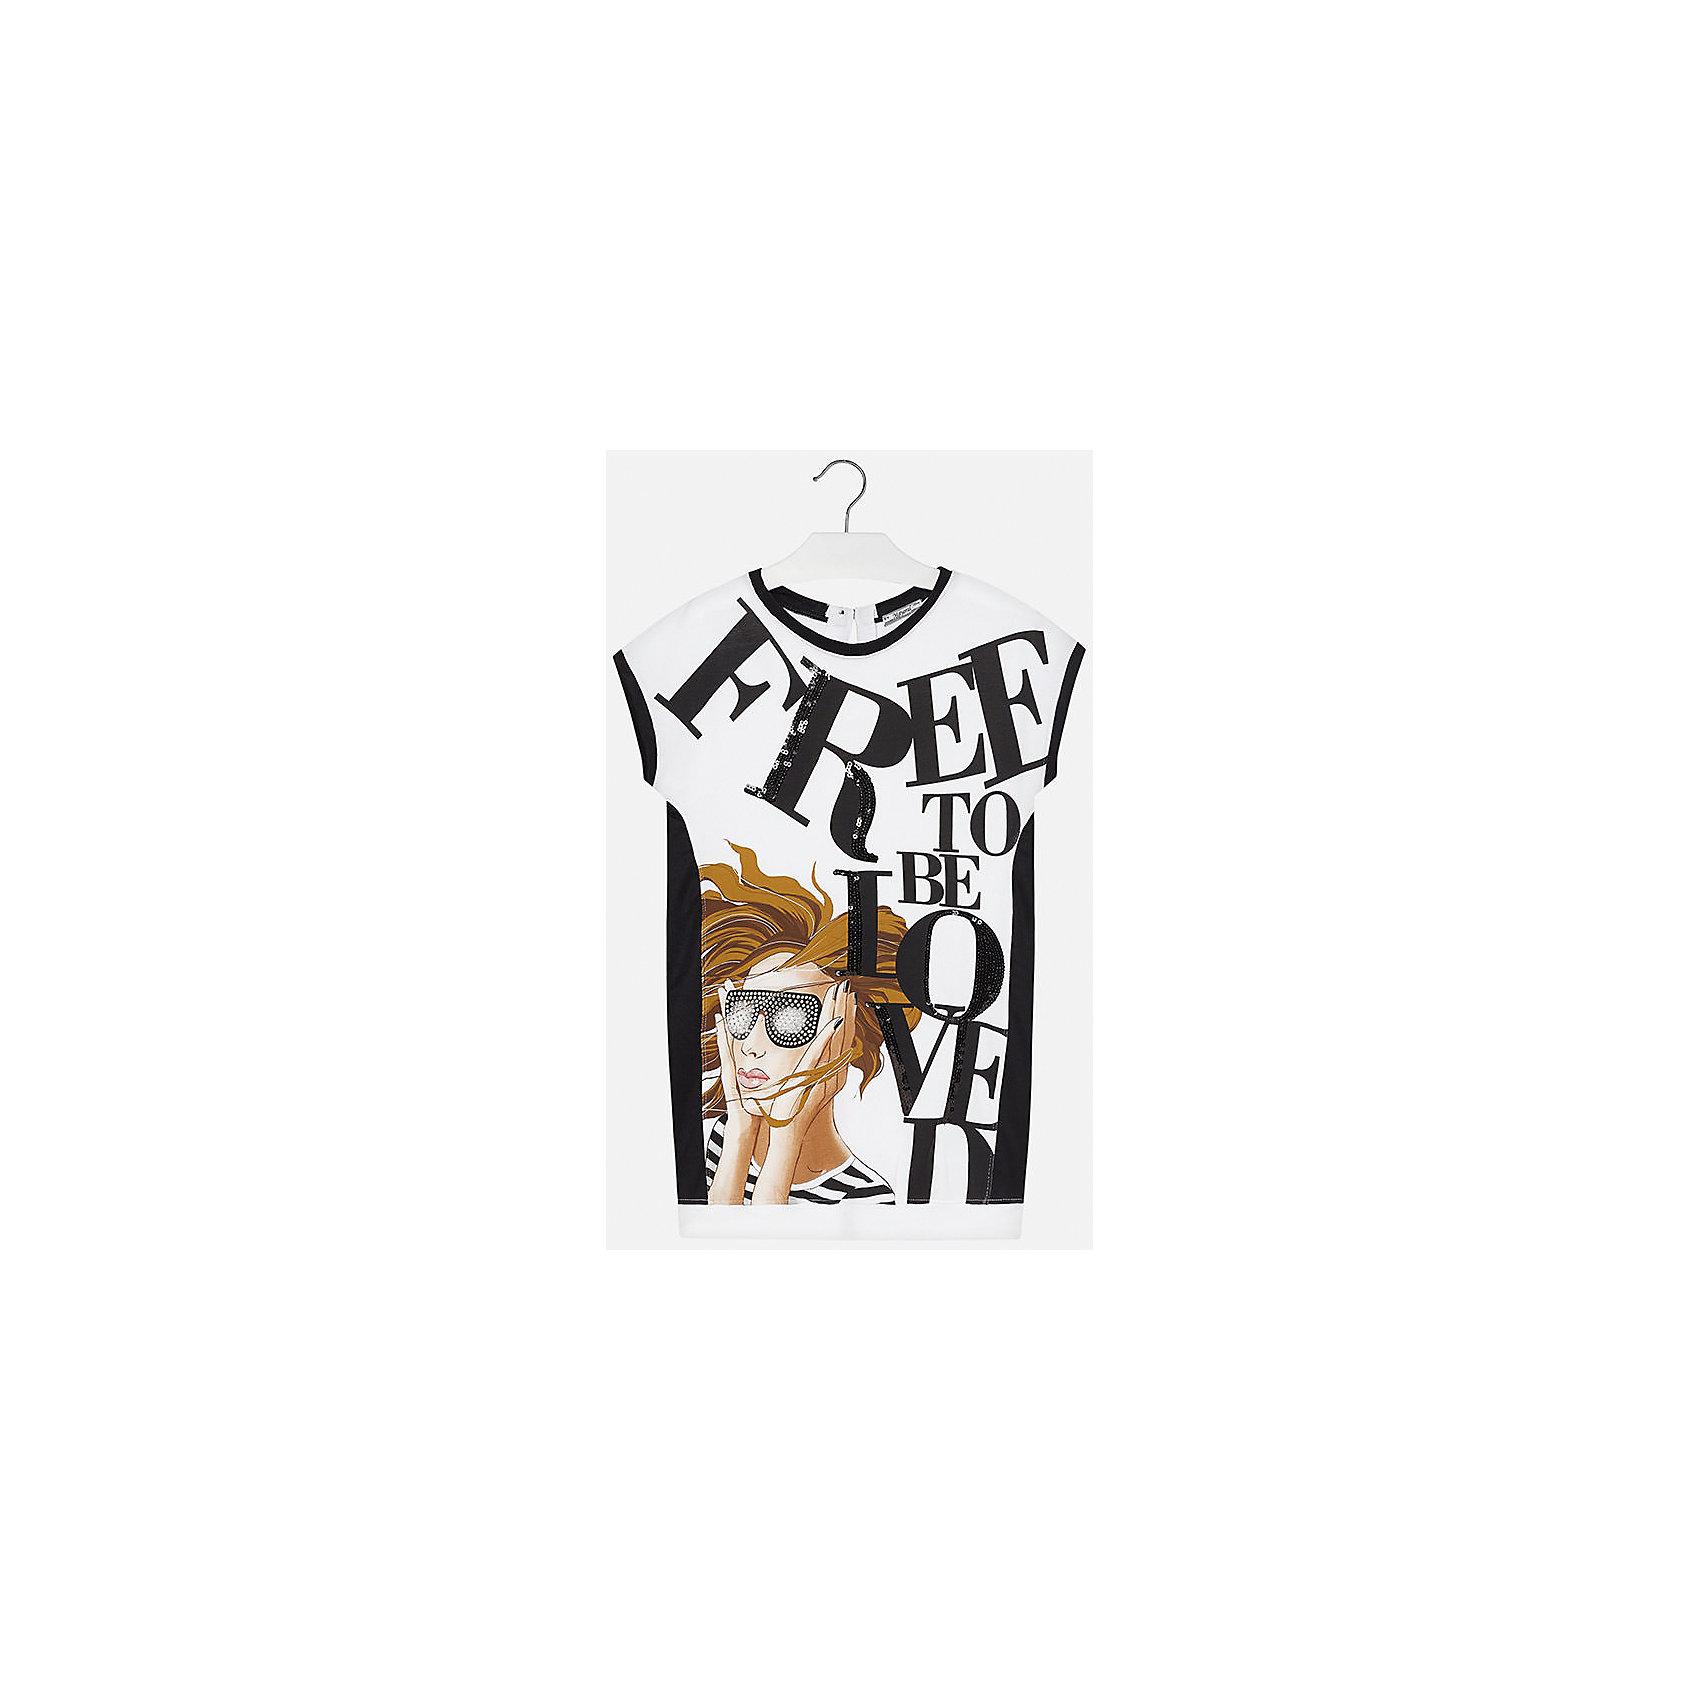 Платье для девочки MayoralПлатья и сарафаны<br>Характеристики товара:<br><br>• цвет: белый/чёрный<br>• состав: 95% хлопок, 5% эластан<br>• застежка - пуговица<br>• зауженный внизу силуэт<br>• короткие рукава<br>• декорировано принтом<br>• страна бренда: Испания<br><br>Стильное платье для девочки поможет разнообразить гардероб ребенка и создать эффектный наряд. Оно подойдет для различных случаев.Платье хорошо сидит по фигуре. В составе материала - натуральный хлопок, гипоаллергенный, приятный на ощупь, дышащий.<br><br>Платье для девочки от испанского бренда Mayoral (Майорал) можно купить в нашем интернет-магазине.<br><br>Ширина мм: 236<br>Глубина мм: 16<br>Высота мм: 184<br>Вес г: 177<br>Цвет: черный<br>Возраст от месяцев: 156<br>Возраст до месяцев: 168<br>Пол: Женский<br>Возраст: Детский<br>Размер: 164,158,170,128/134,140,152<br>SKU: 5293297